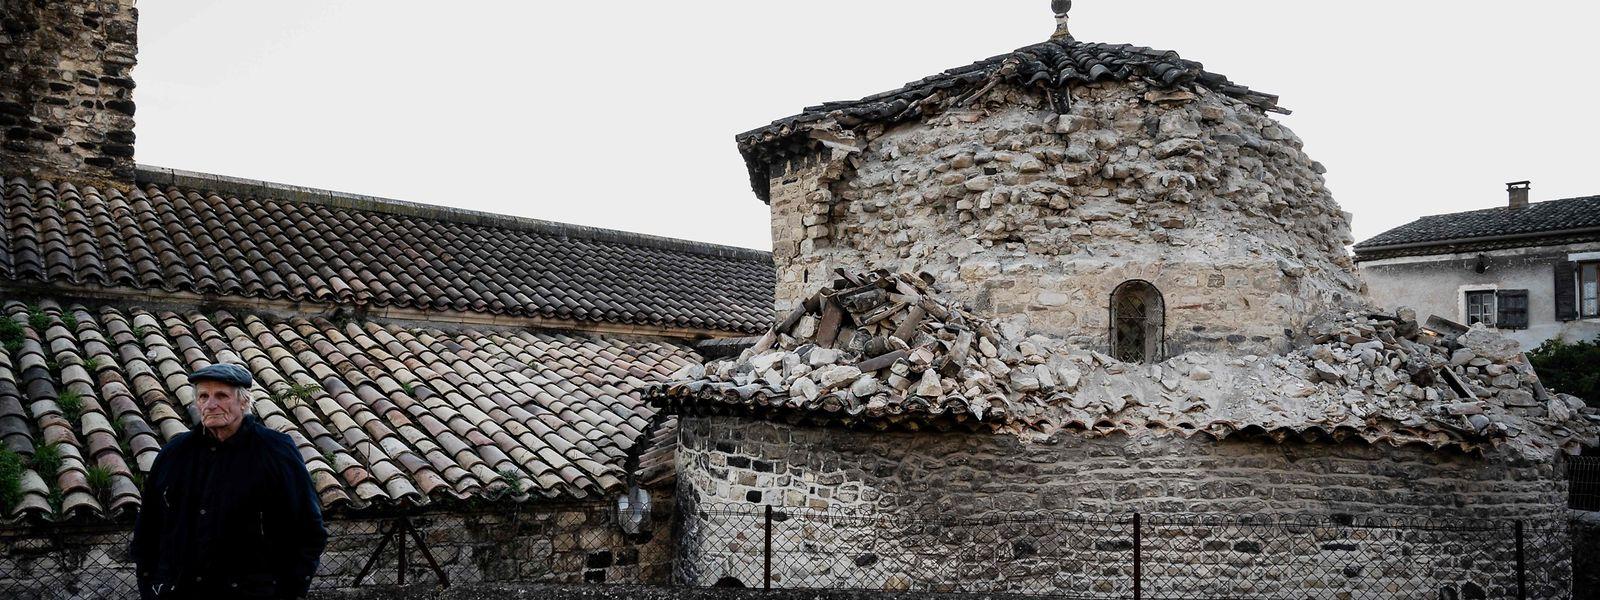 In Le Teil wurde der Turm der Dorfkirche beschädigt.